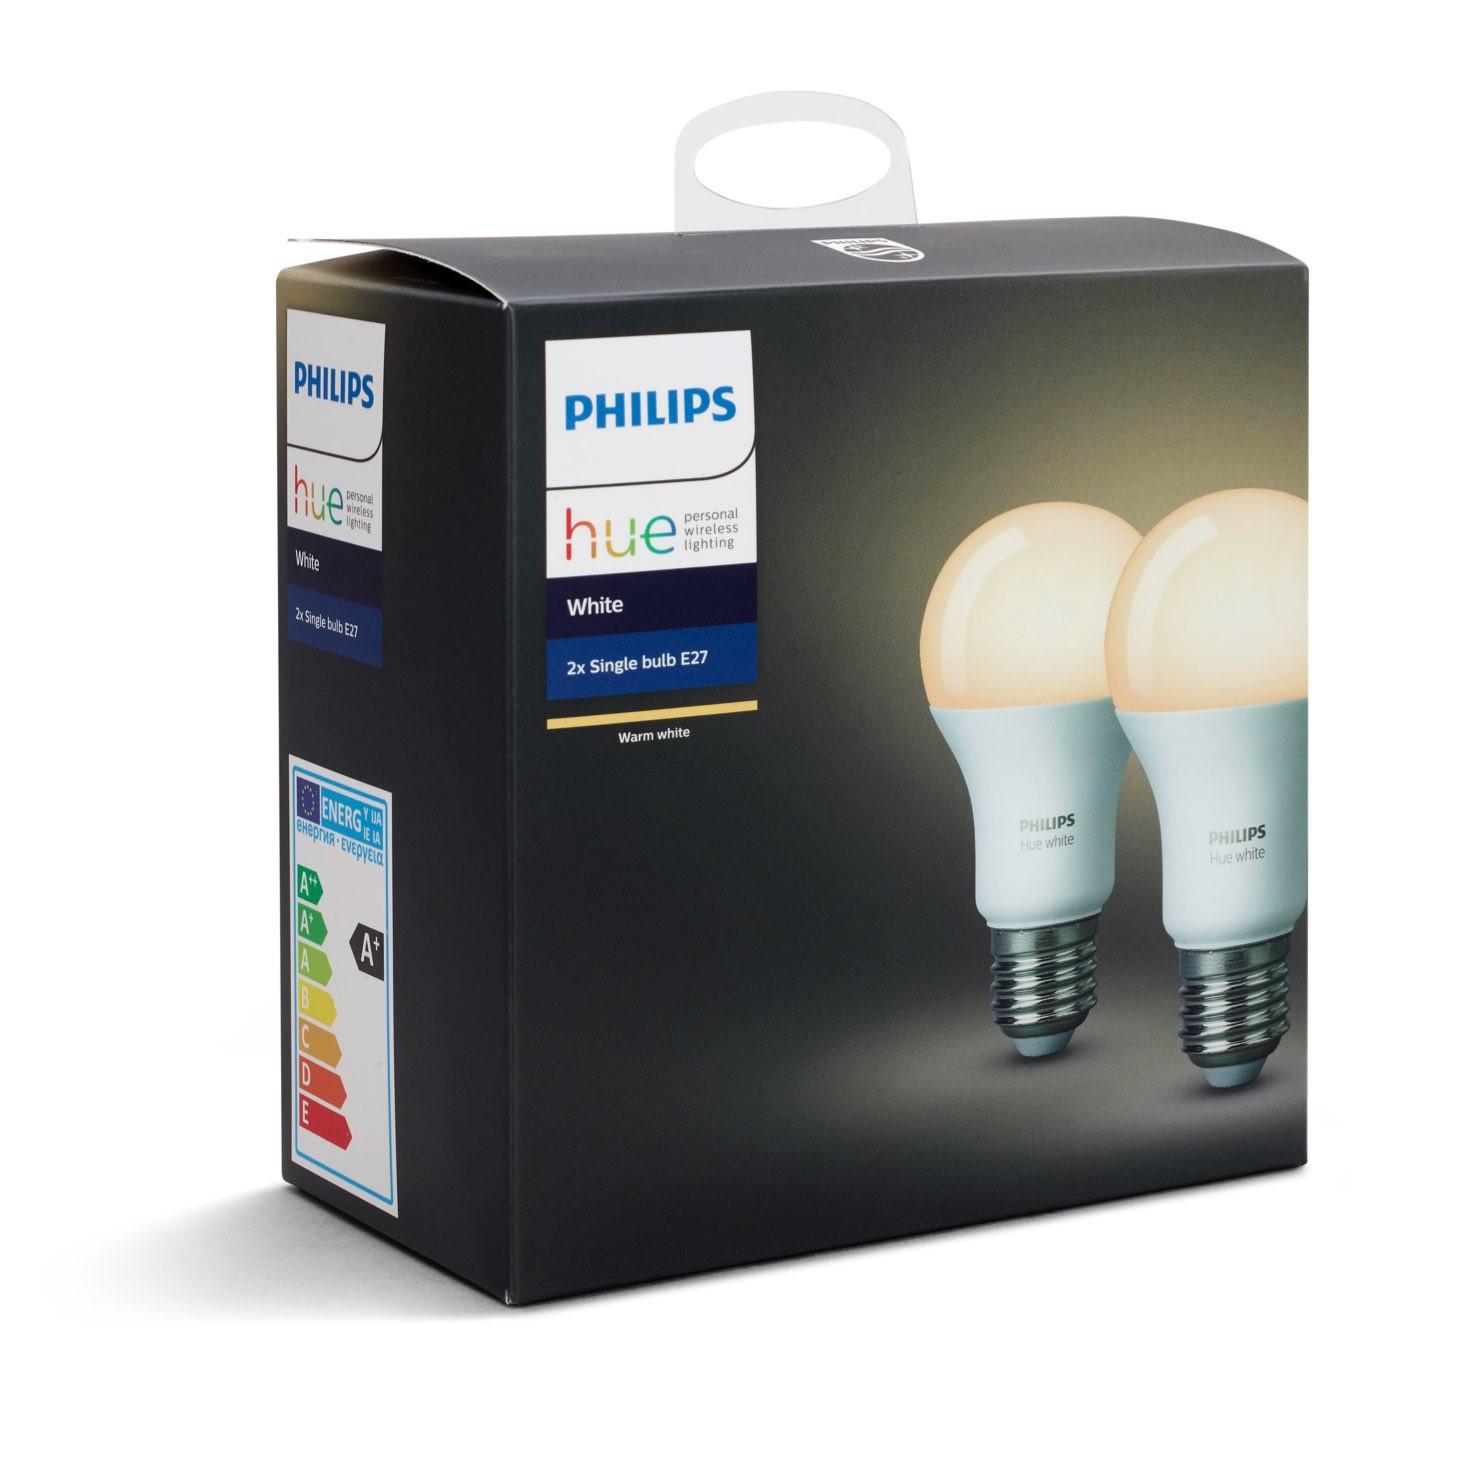 philips hue lampen philips hue lampen with philips hue lampen je hoeft geen genie te zijn voor. Black Bedroom Furniture Sets. Home Design Ideas